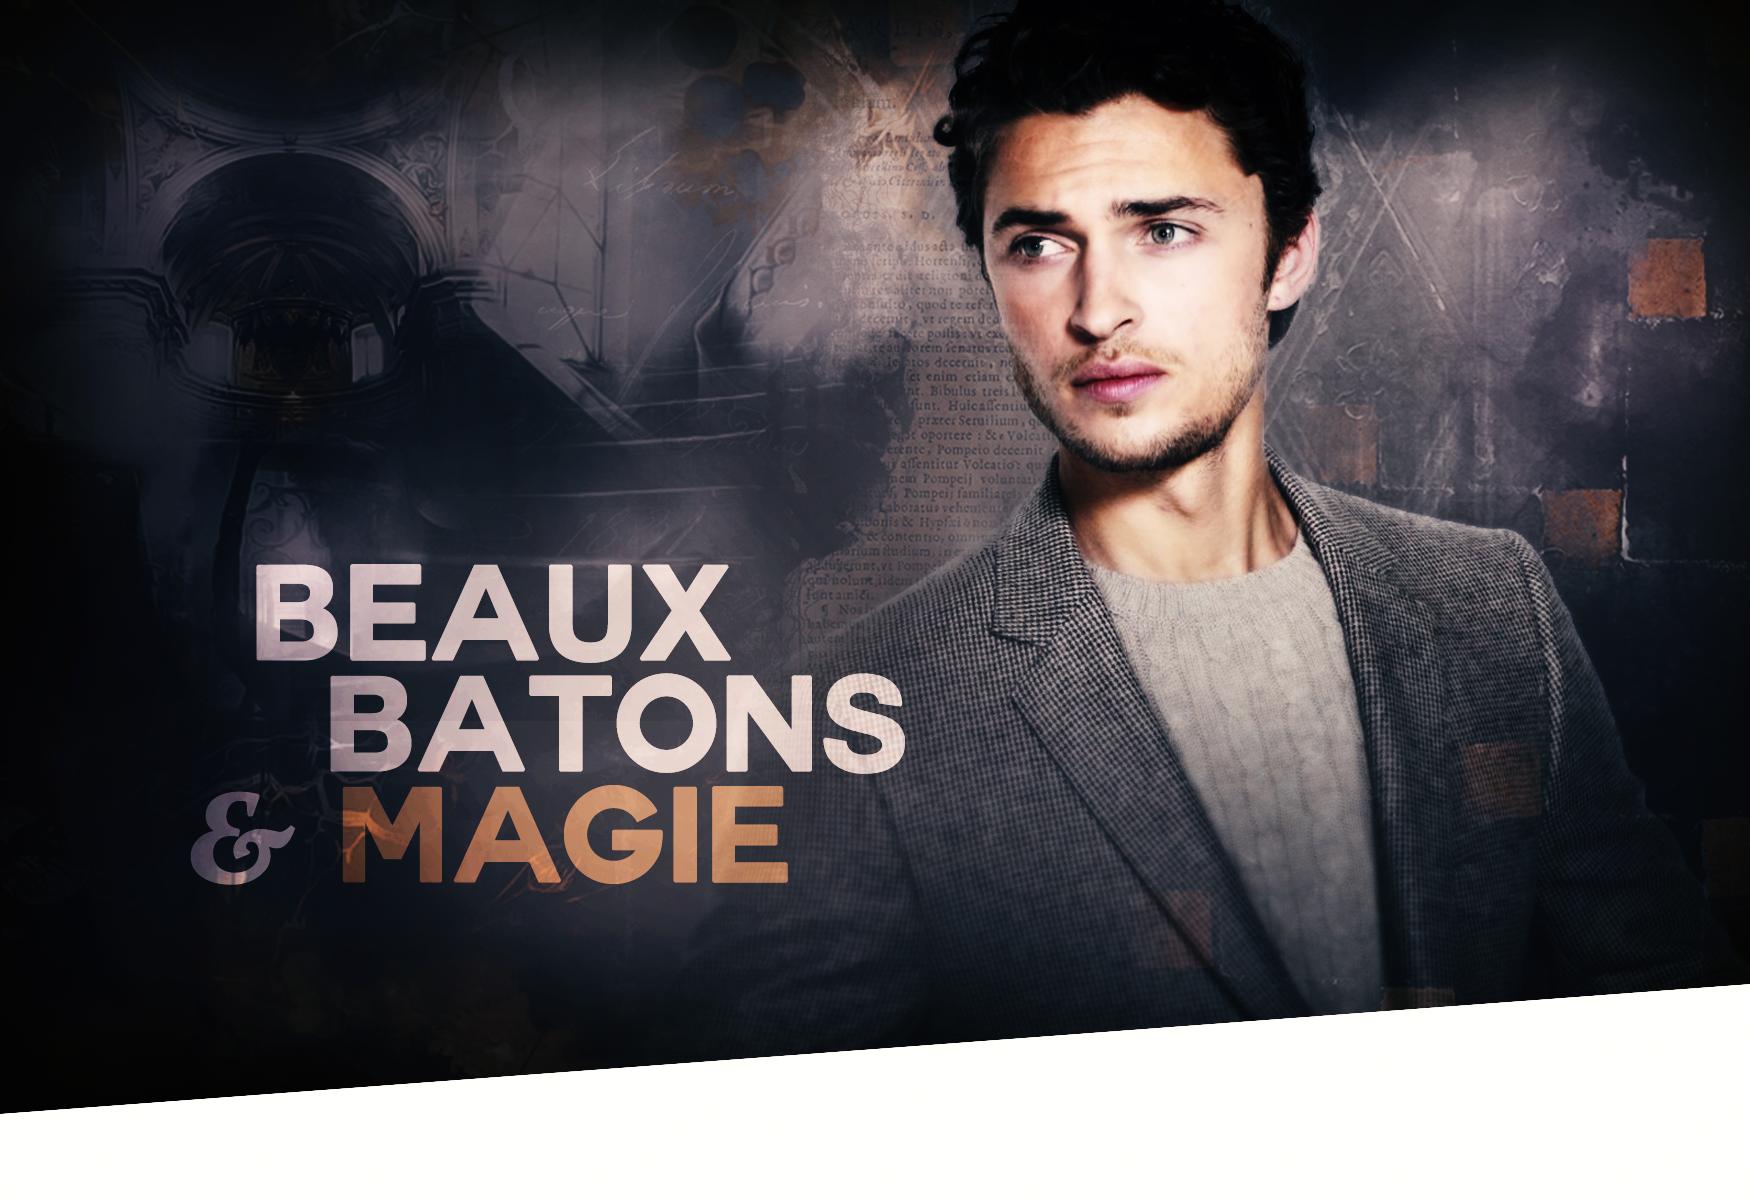 Beauxbatons & Magie